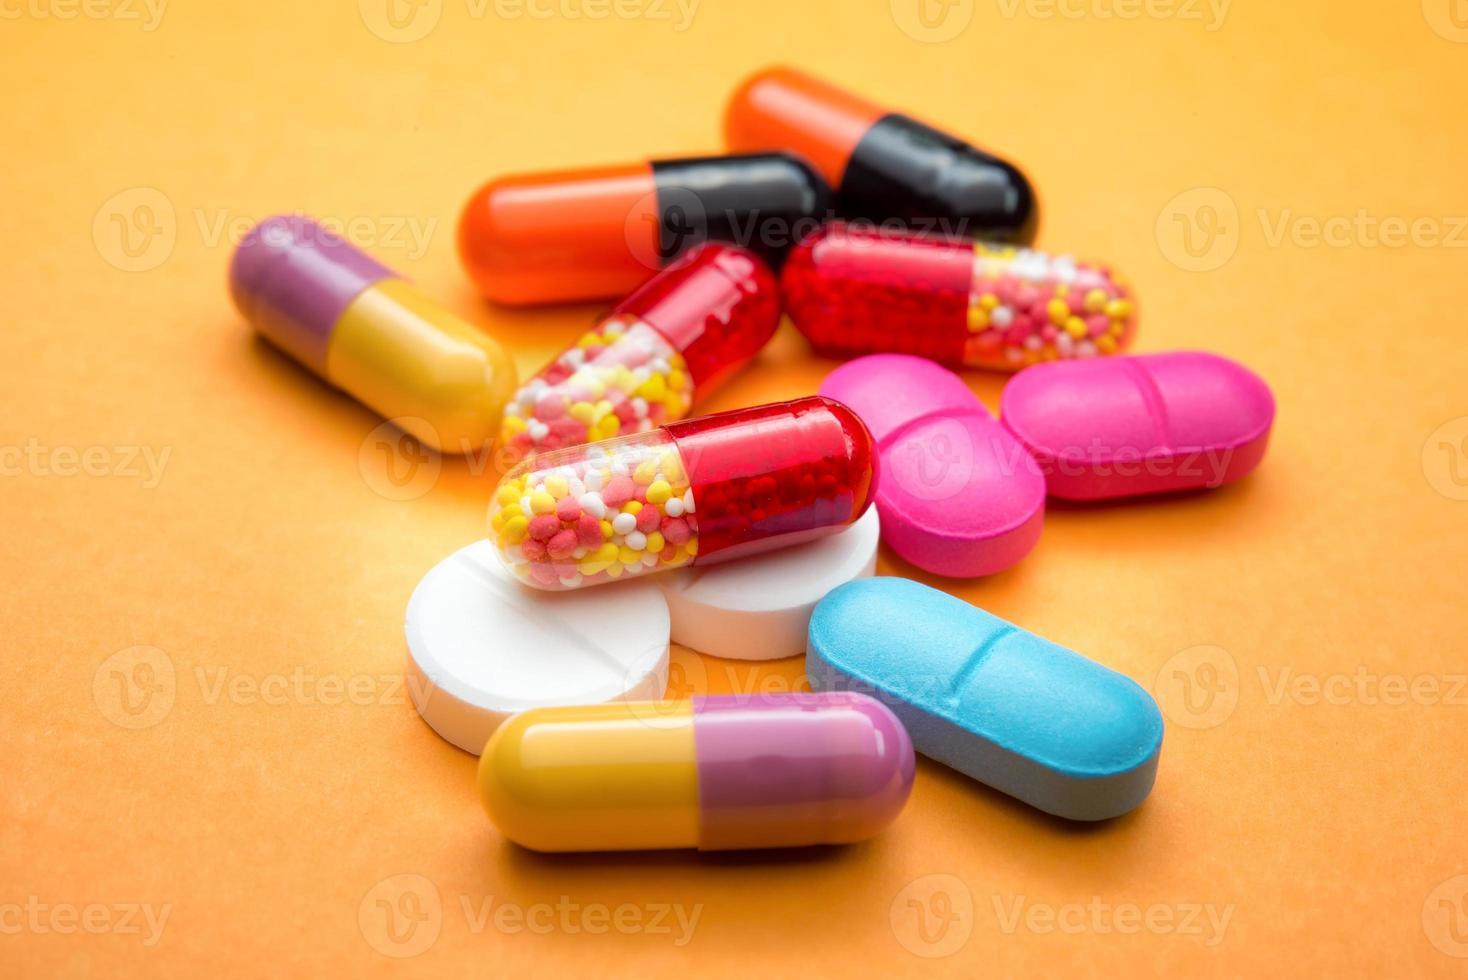 molte pillole colorate foto